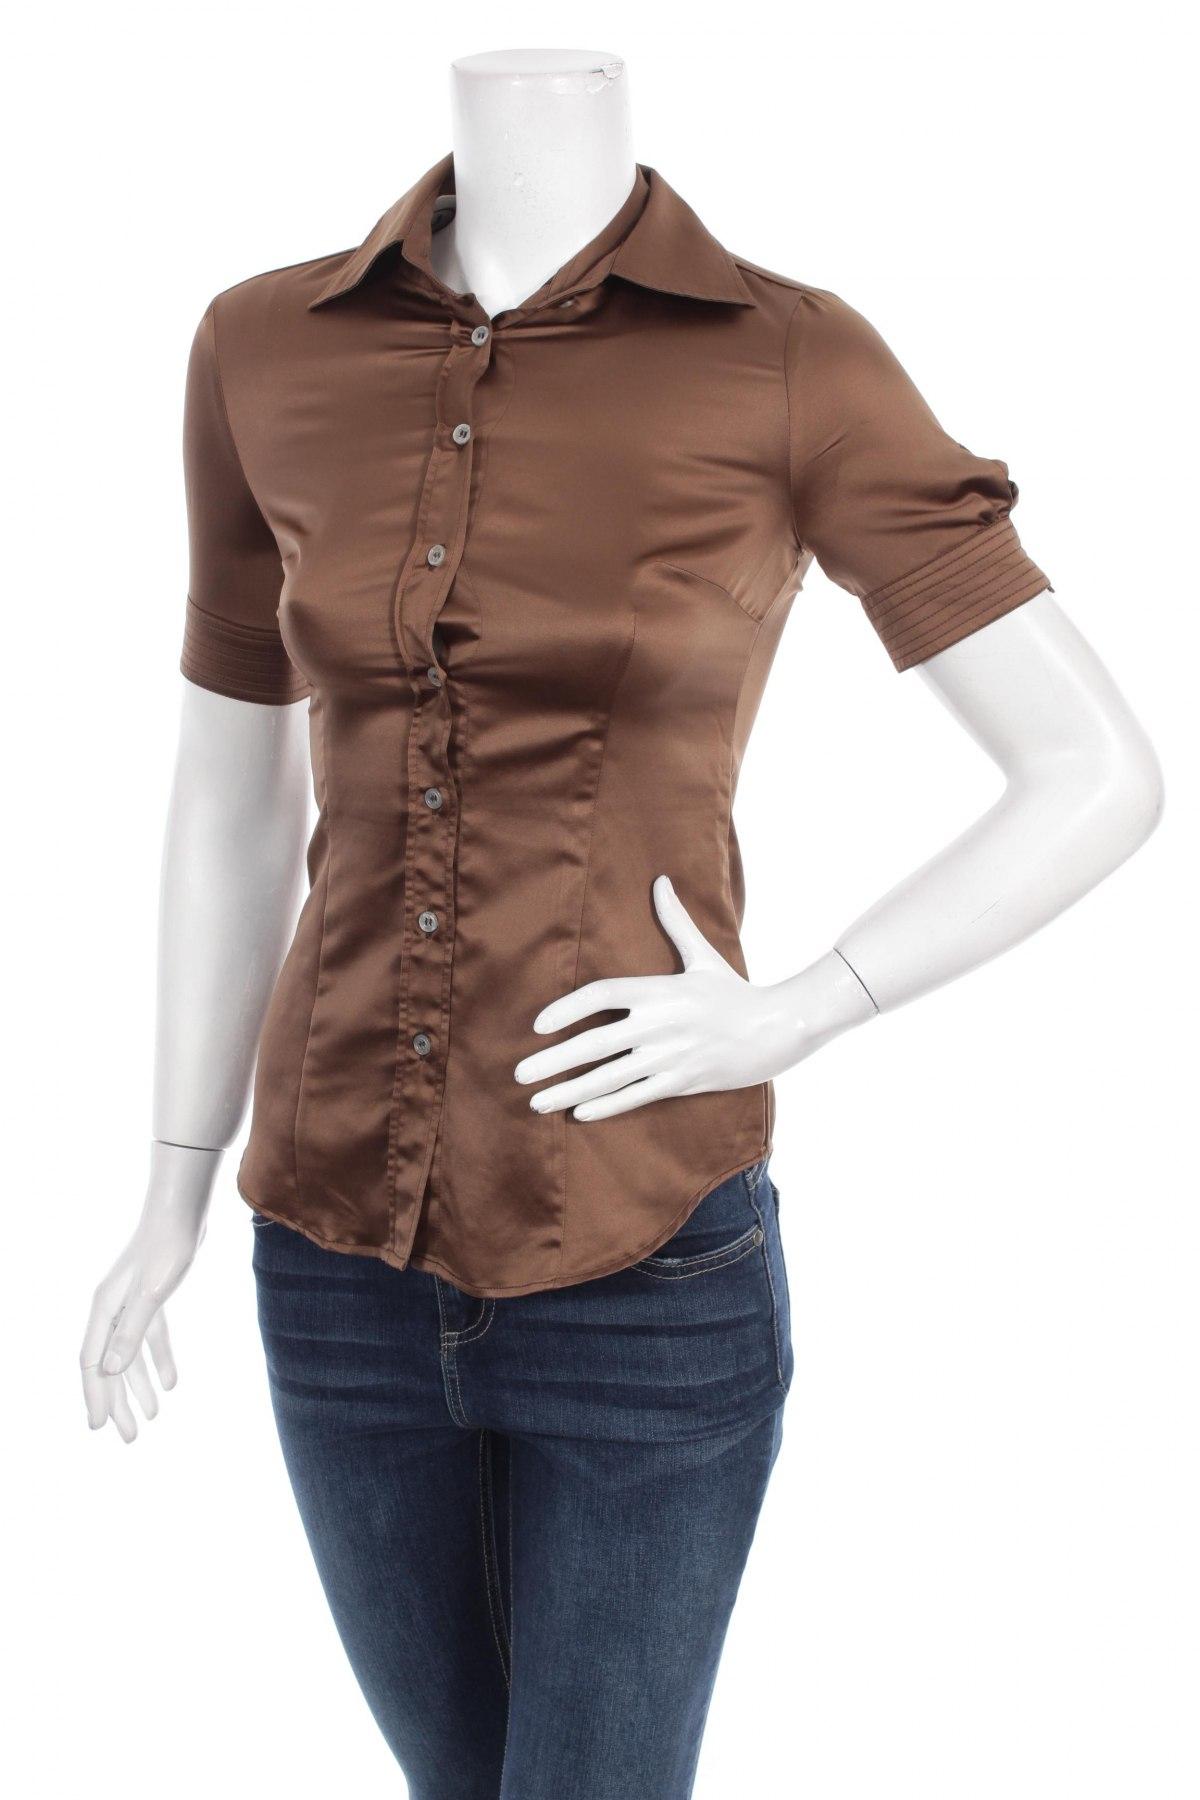 Γυναικείο πουκάμισο United Colors Of Benetton, Μέγεθος XS, Χρώμα Καφέ, 97% πολυεστέρας, 3% ελαστάνη, Τιμή 12,37€